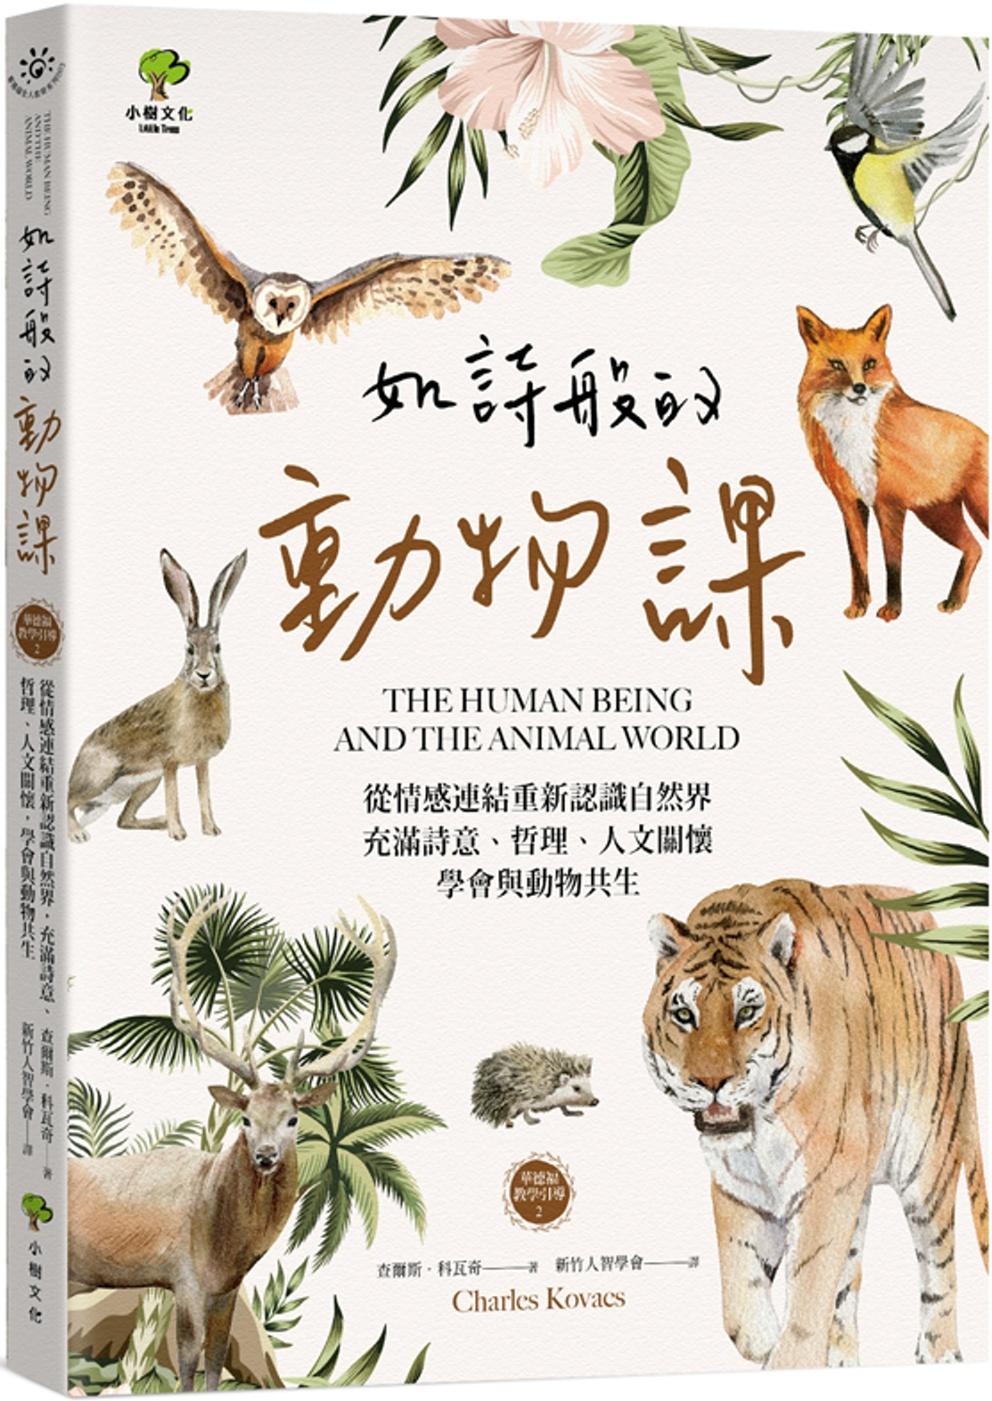 如詩般的動物課:從情感連結重新認識自然界,充滿詩意、哲理、人文關懷,學會與動物共生(華德福教學引導2)